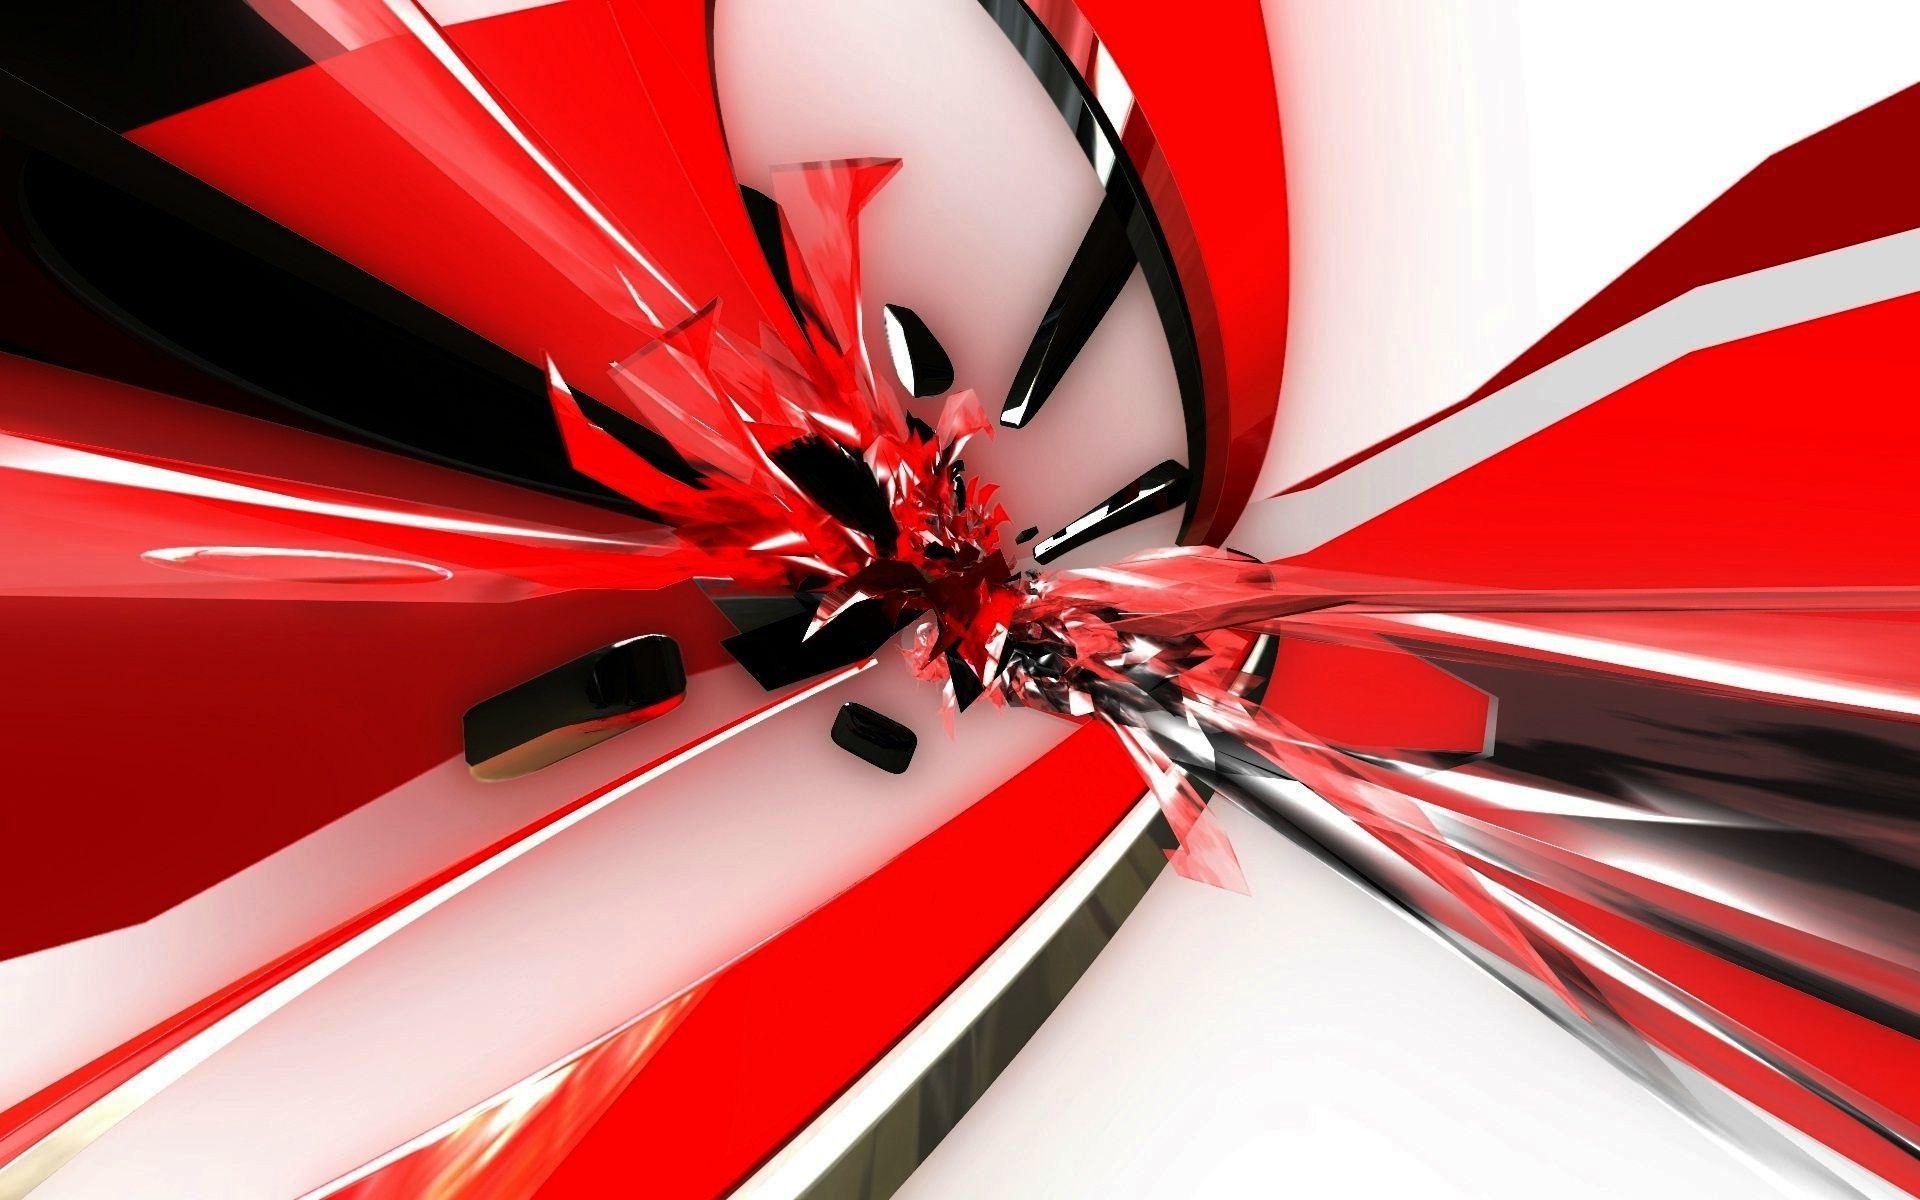 Fullsize Of Red And White Wallpaper